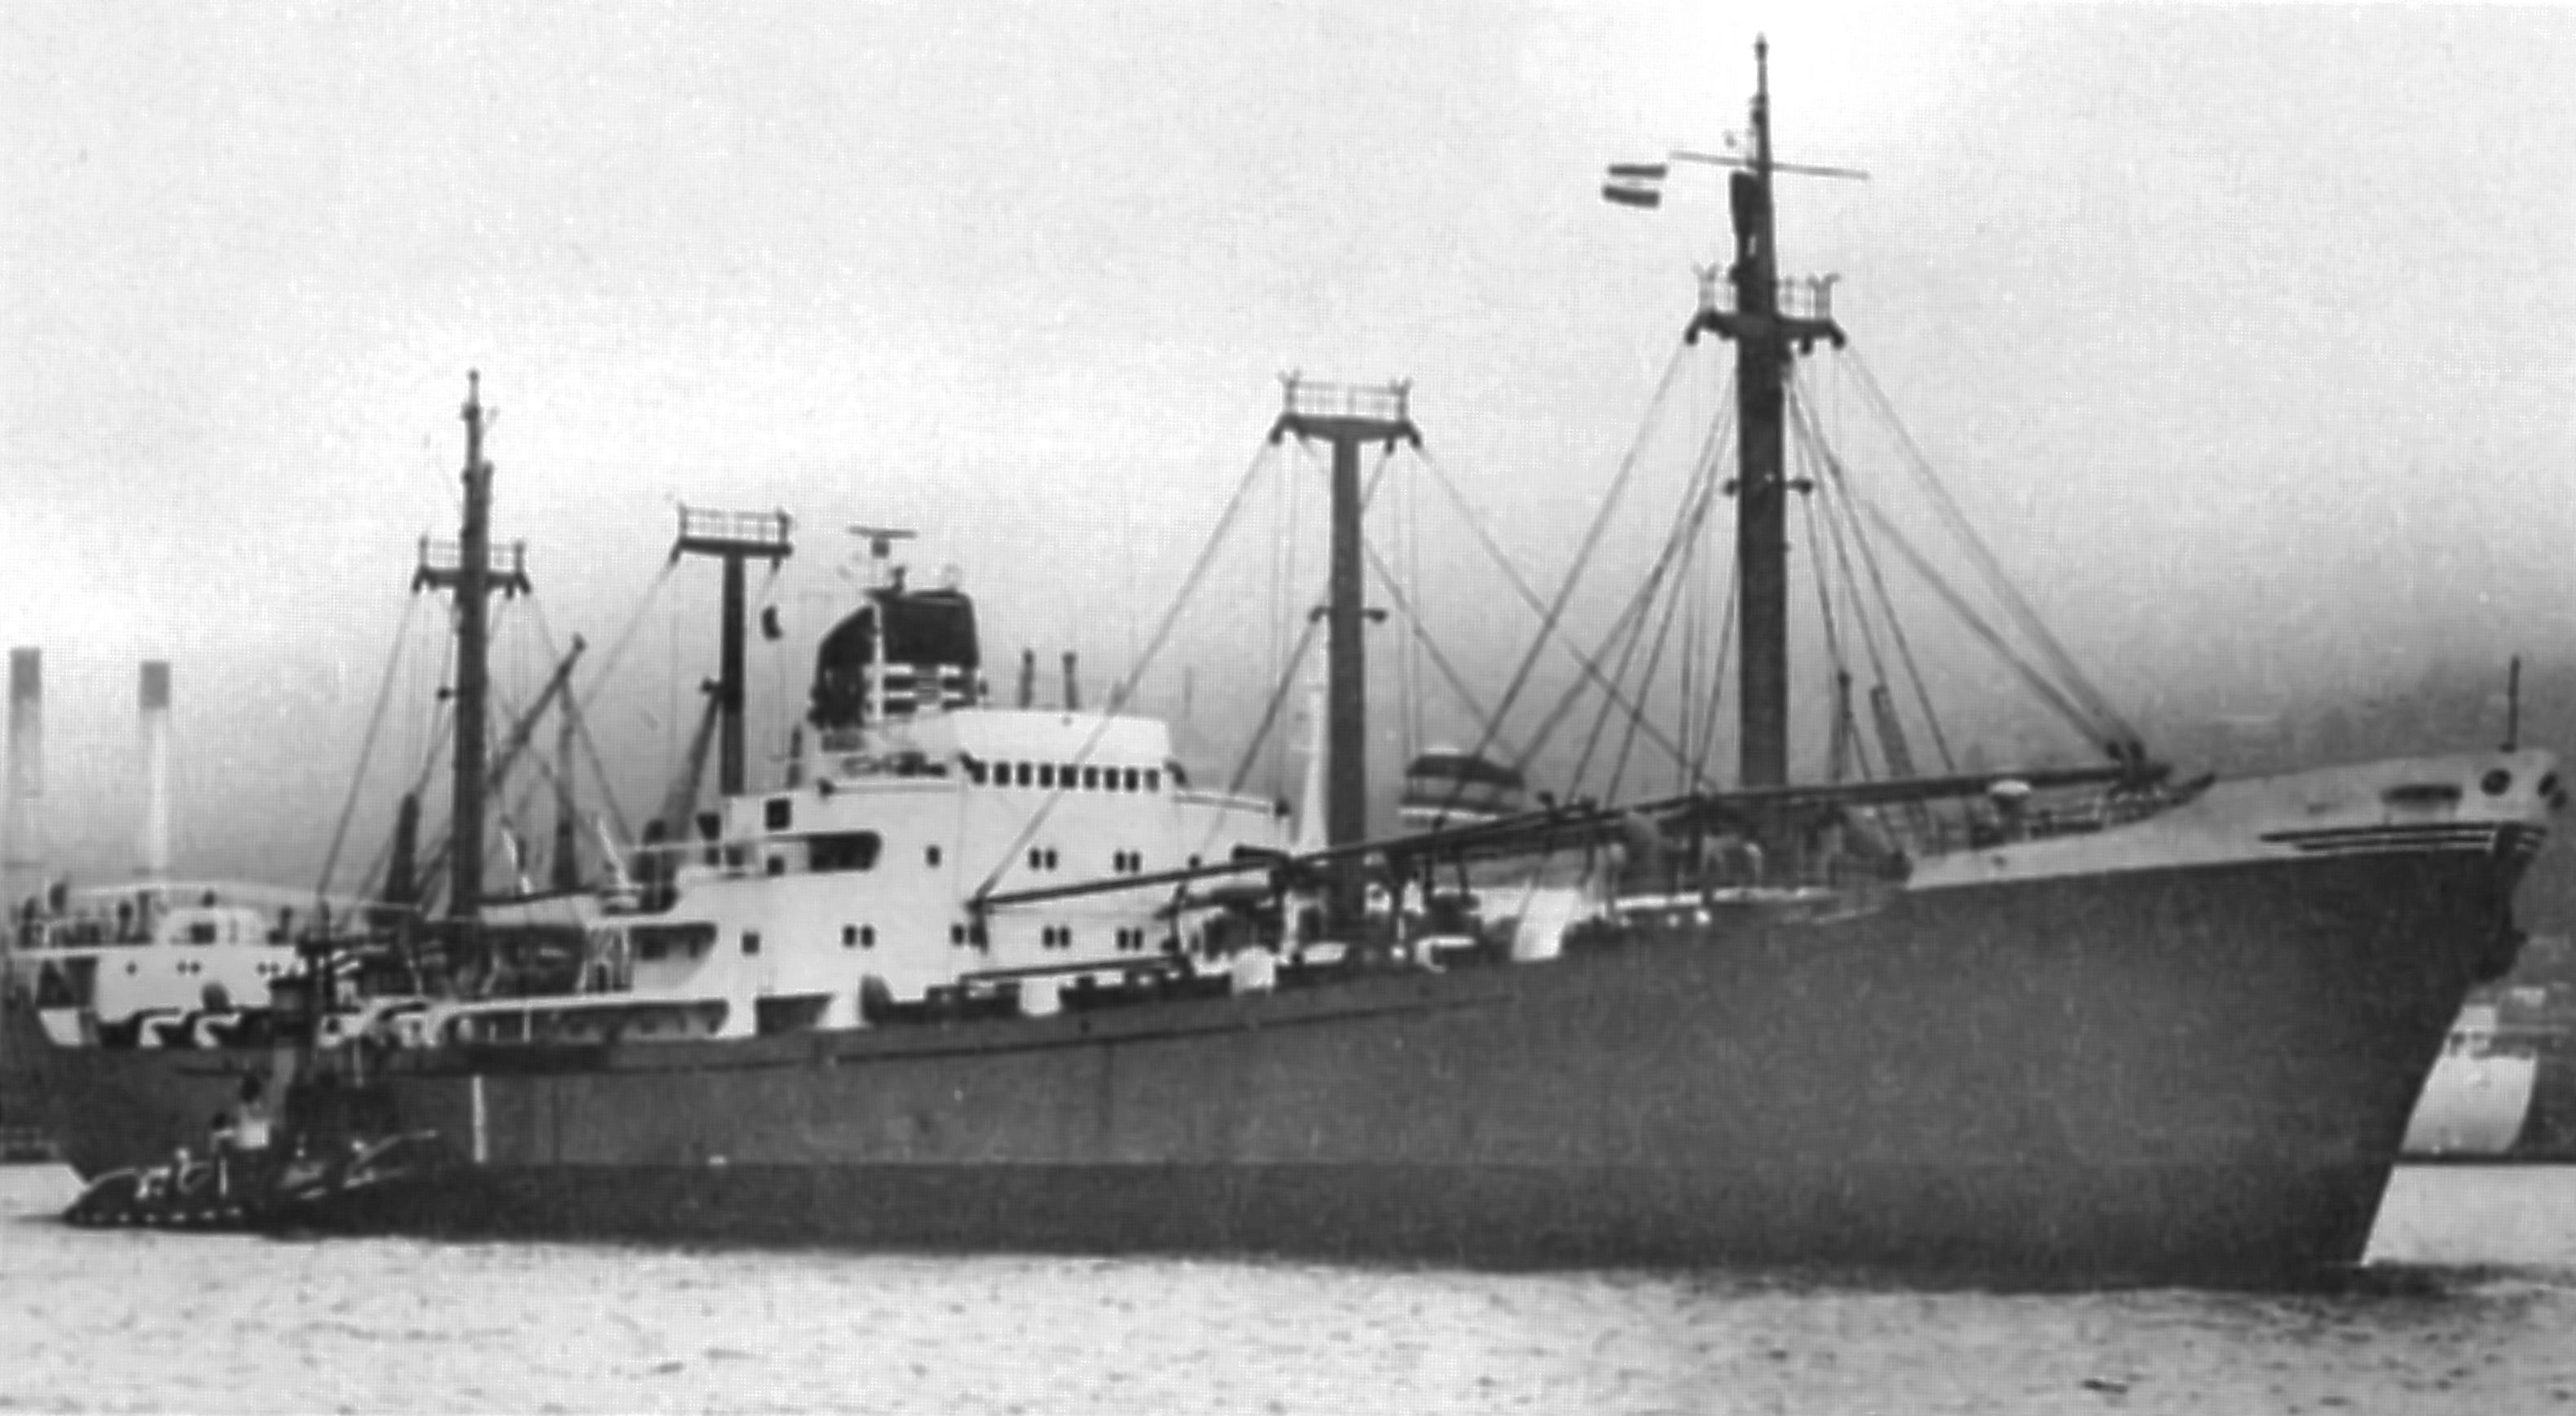 """Cargoul """"Vrancea"""" (ex-""""Vishva Shanti"""") în rada portului Durban, 1975. Primul comandant al navei a fost căpitanul de cursă lungă Mihail Moraru, care a fost și comandantul petrolierului """"Unirea"""" (150.000 tdw), care, în urma unor explozii la bord, s-a scufundat în apele Mării Negre la data de 13 octombrie 1982 (vezi volumul """"Naufragiul petrolierului UNIREA - cea mai mare catastrofă navală din anul 1982"""")."""